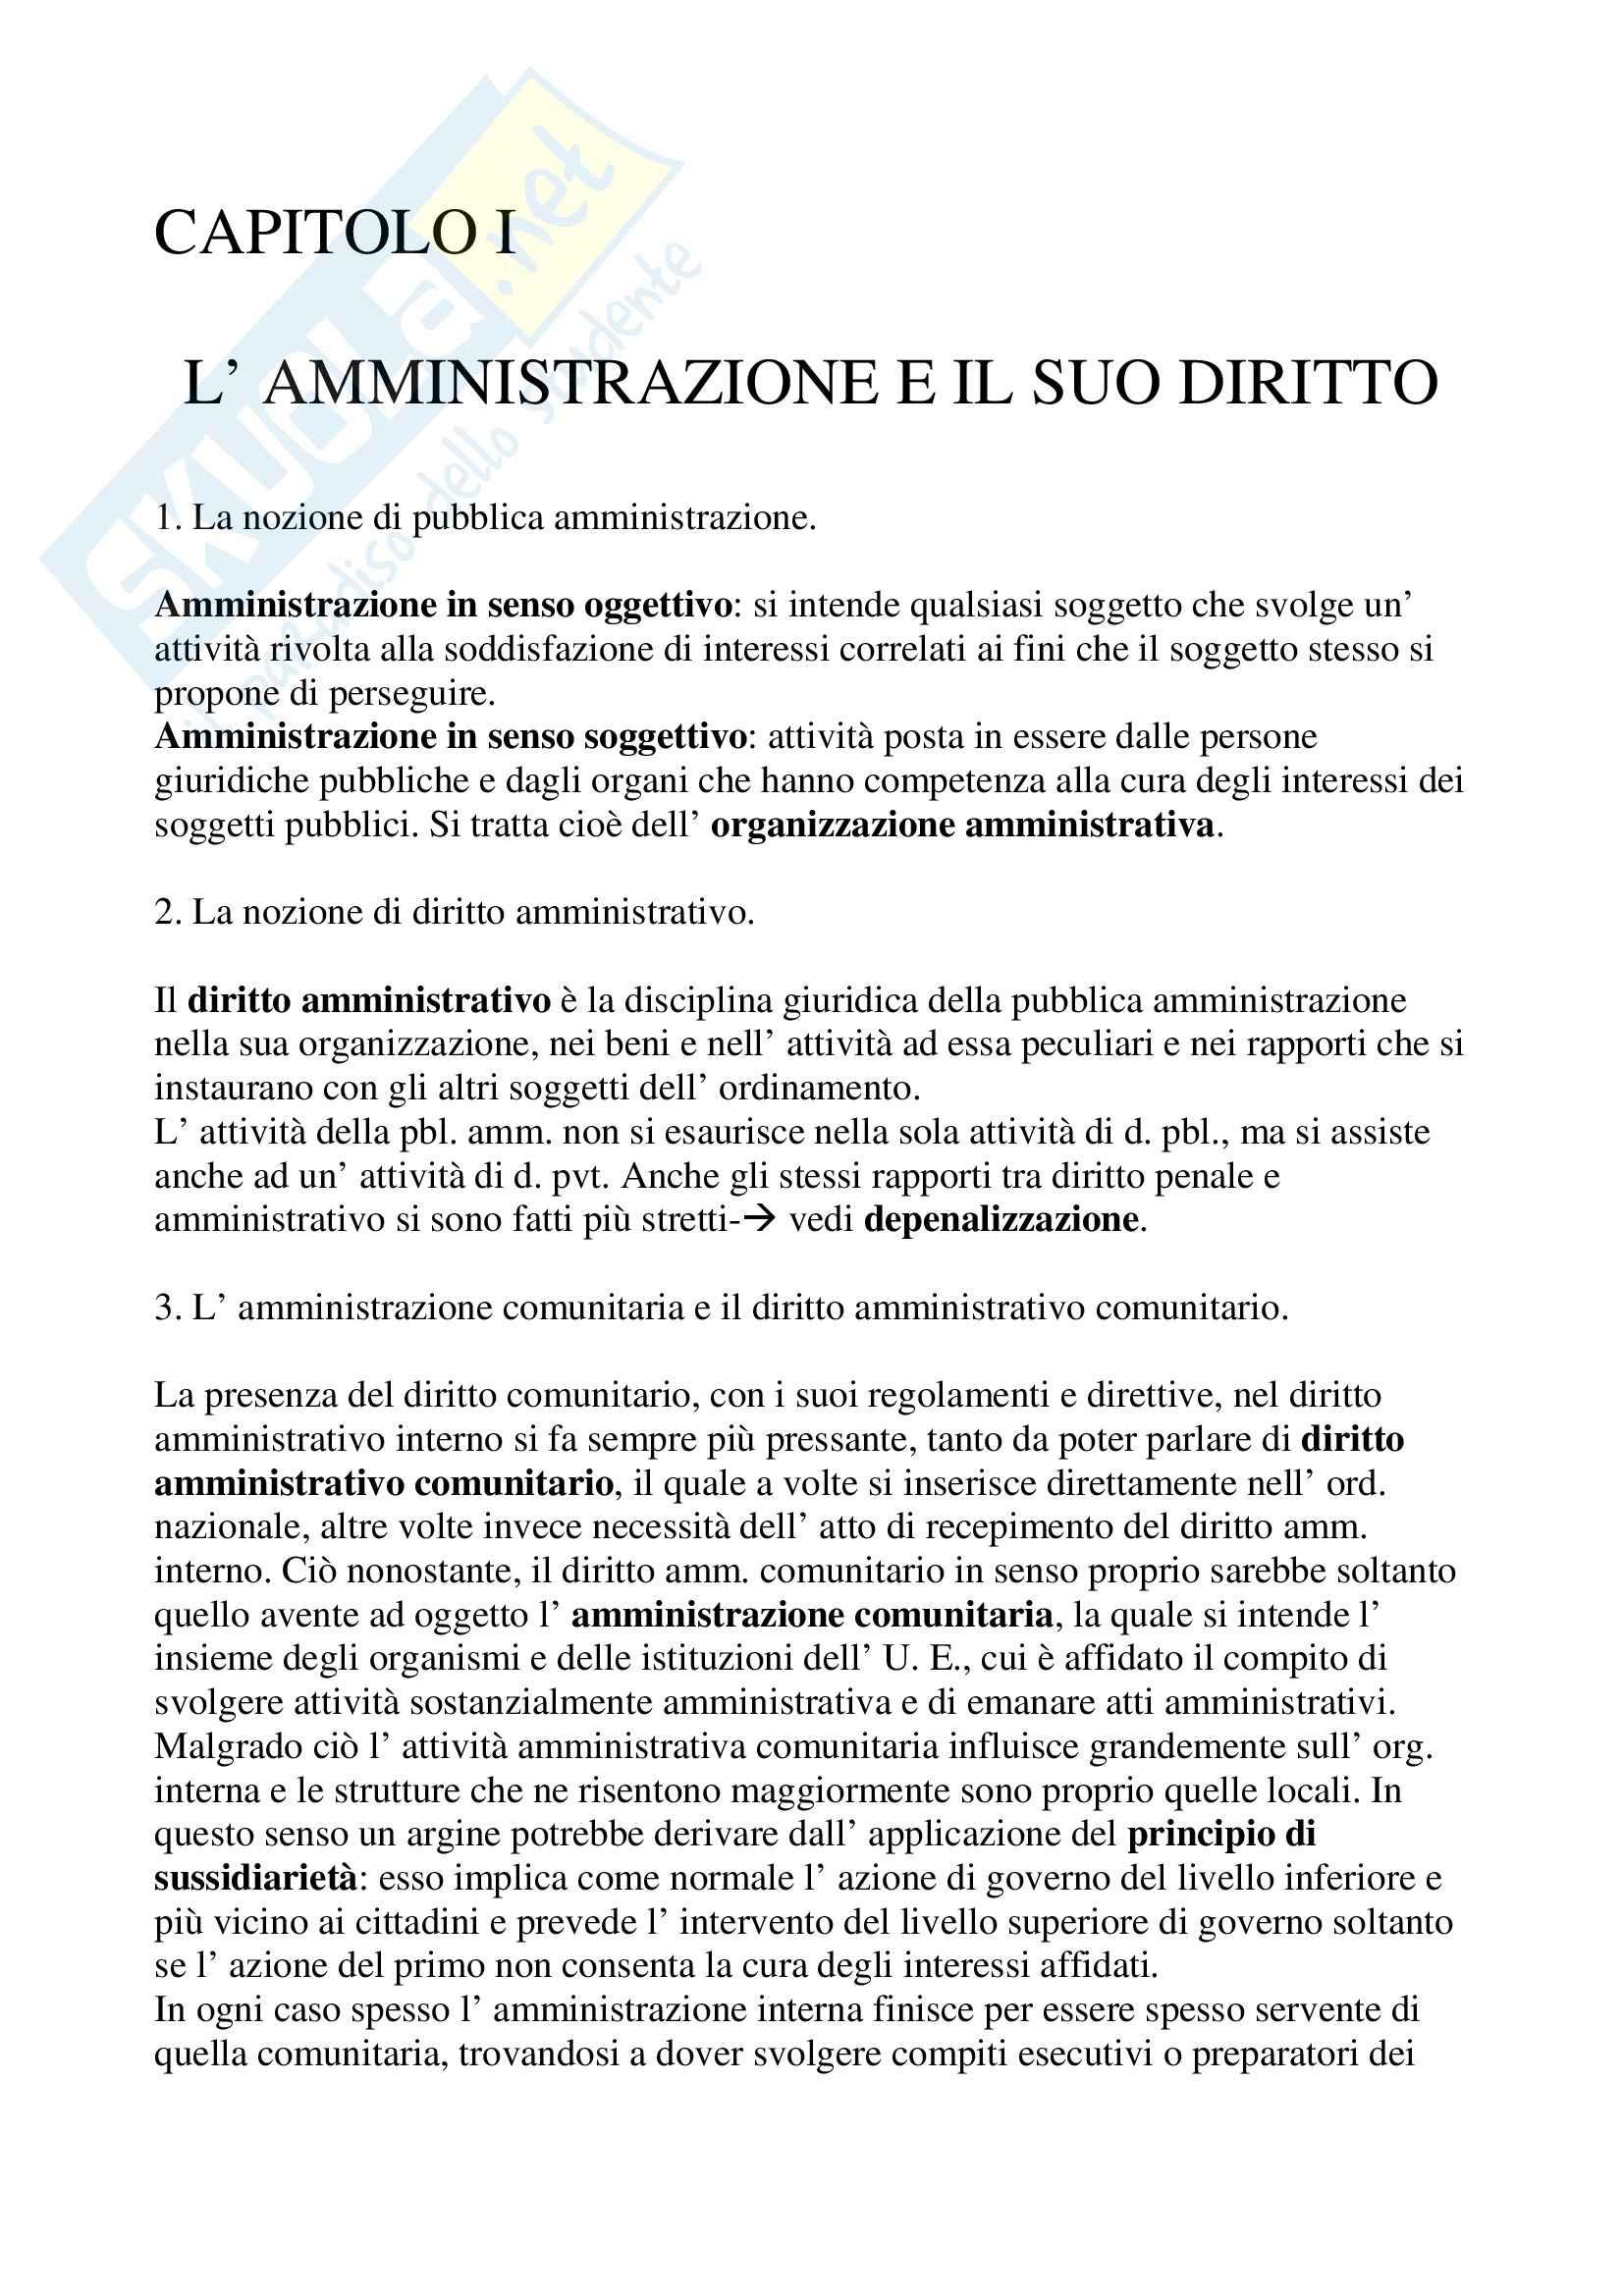 Riassunto esame Diritto Amministrativo, prof. Caia, libro consigliato Compendio di diritto amministrativo, Casetta